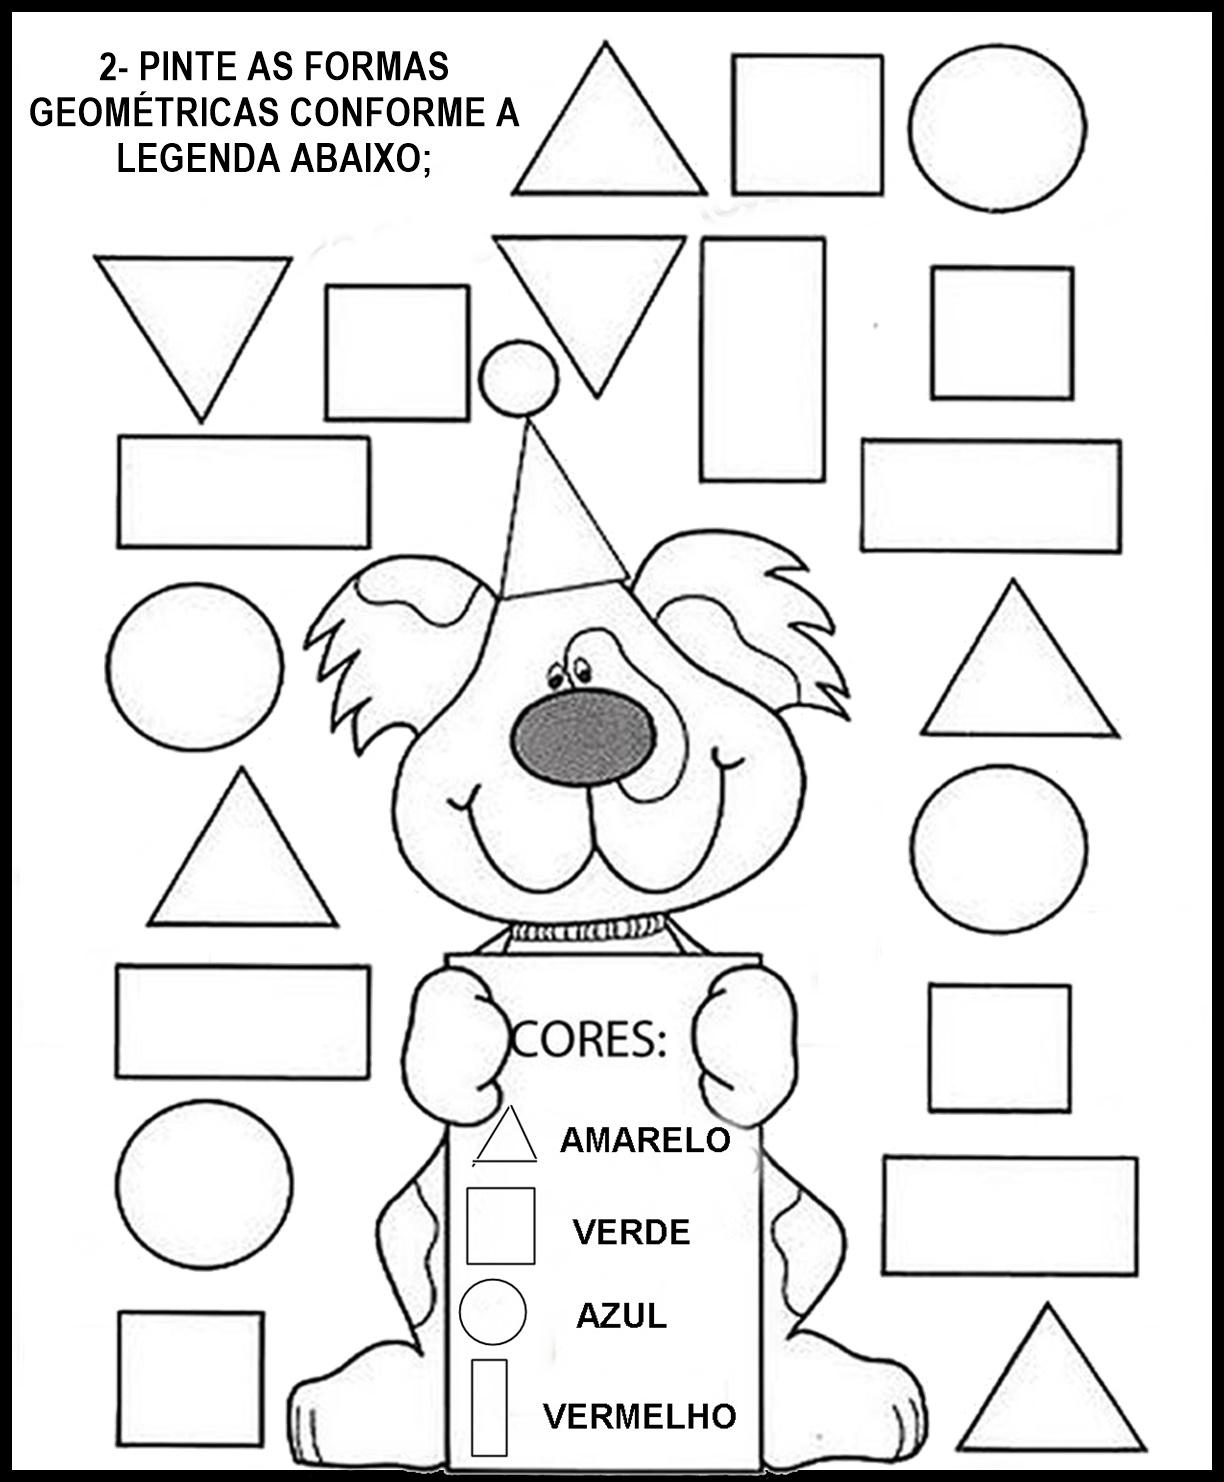 Formas GeoméTricas EducaçãO Infantil HV14